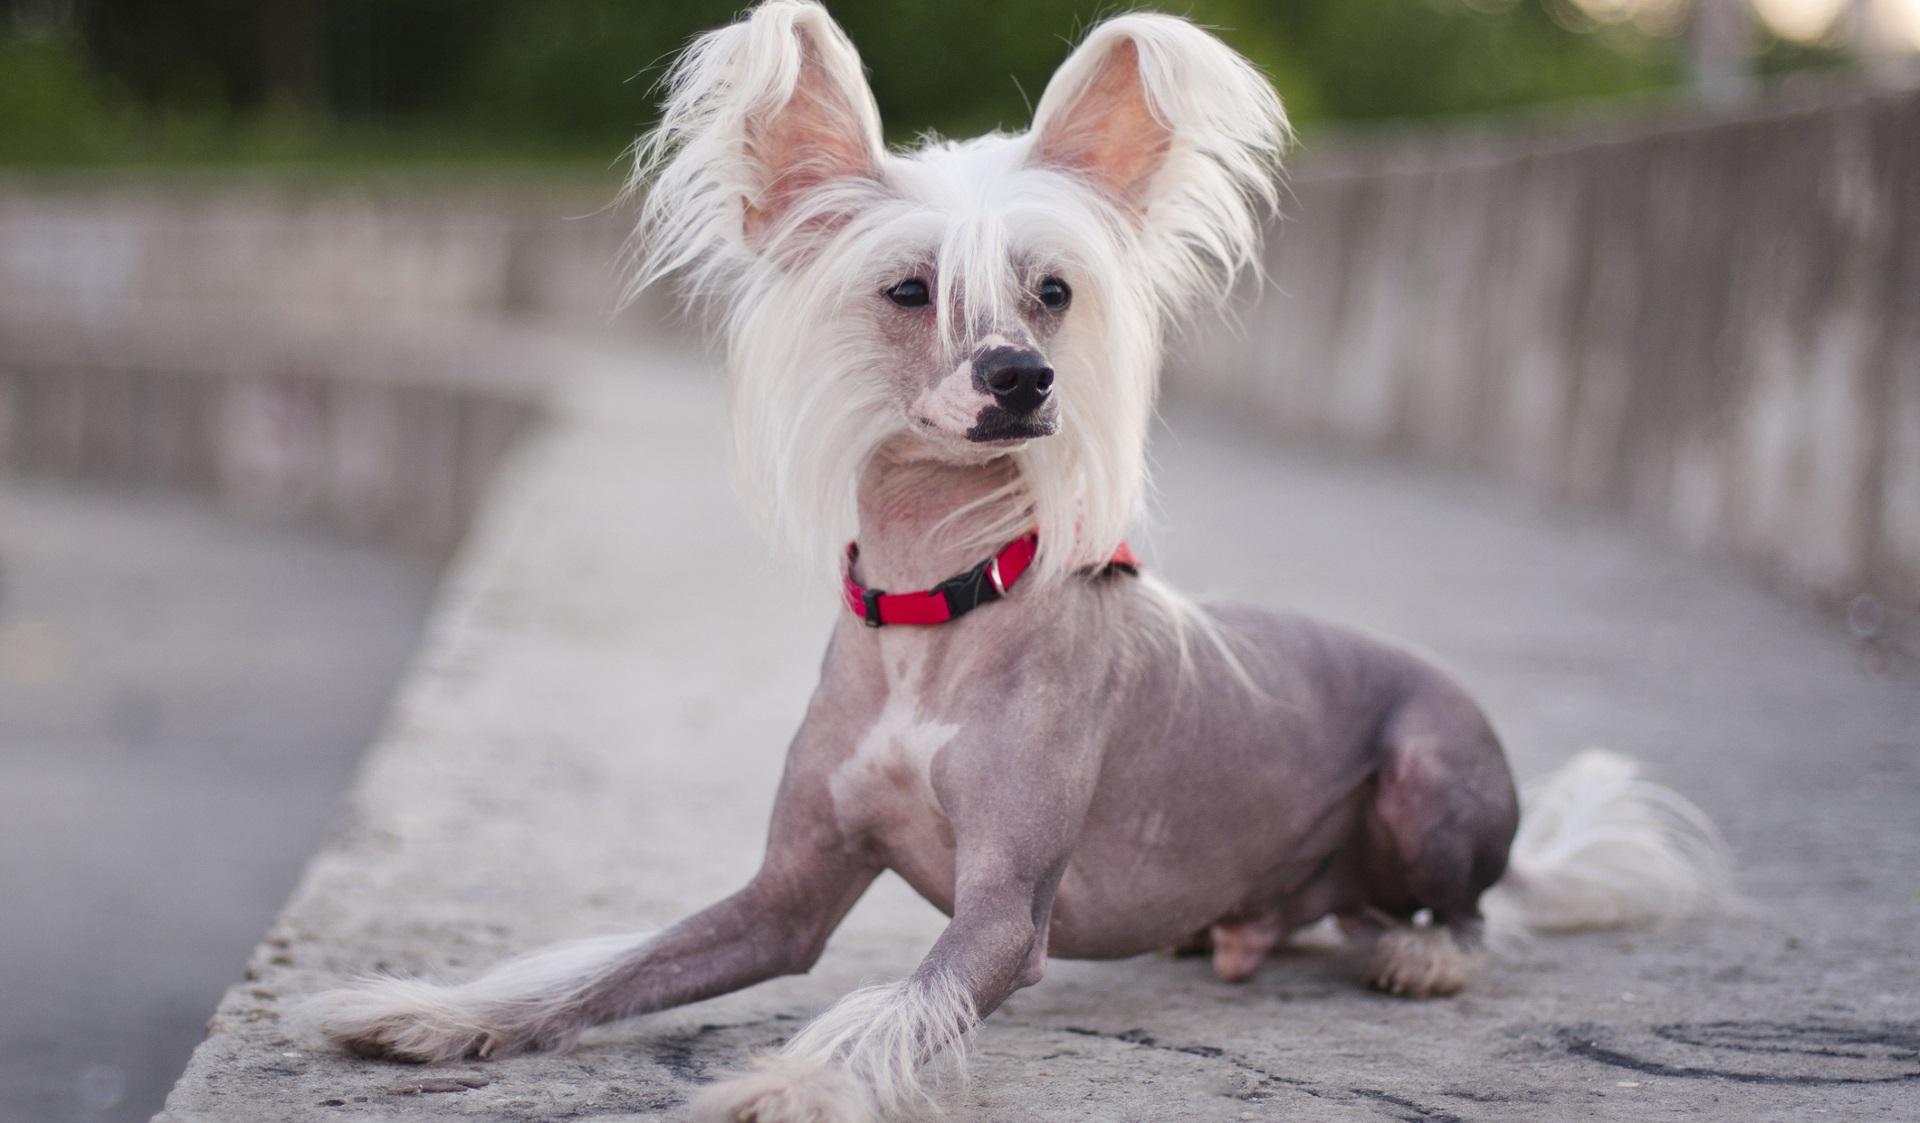 <p><strong>Китайско качулато куче</strong></p>  <p>Представители на тази порода често печелят конкурси за най-грозно куче, но това куче без козина струва скъпо - минимум 5000 долара. То е с много екзотичен вид - малки размери и само един пласт козина.</p>